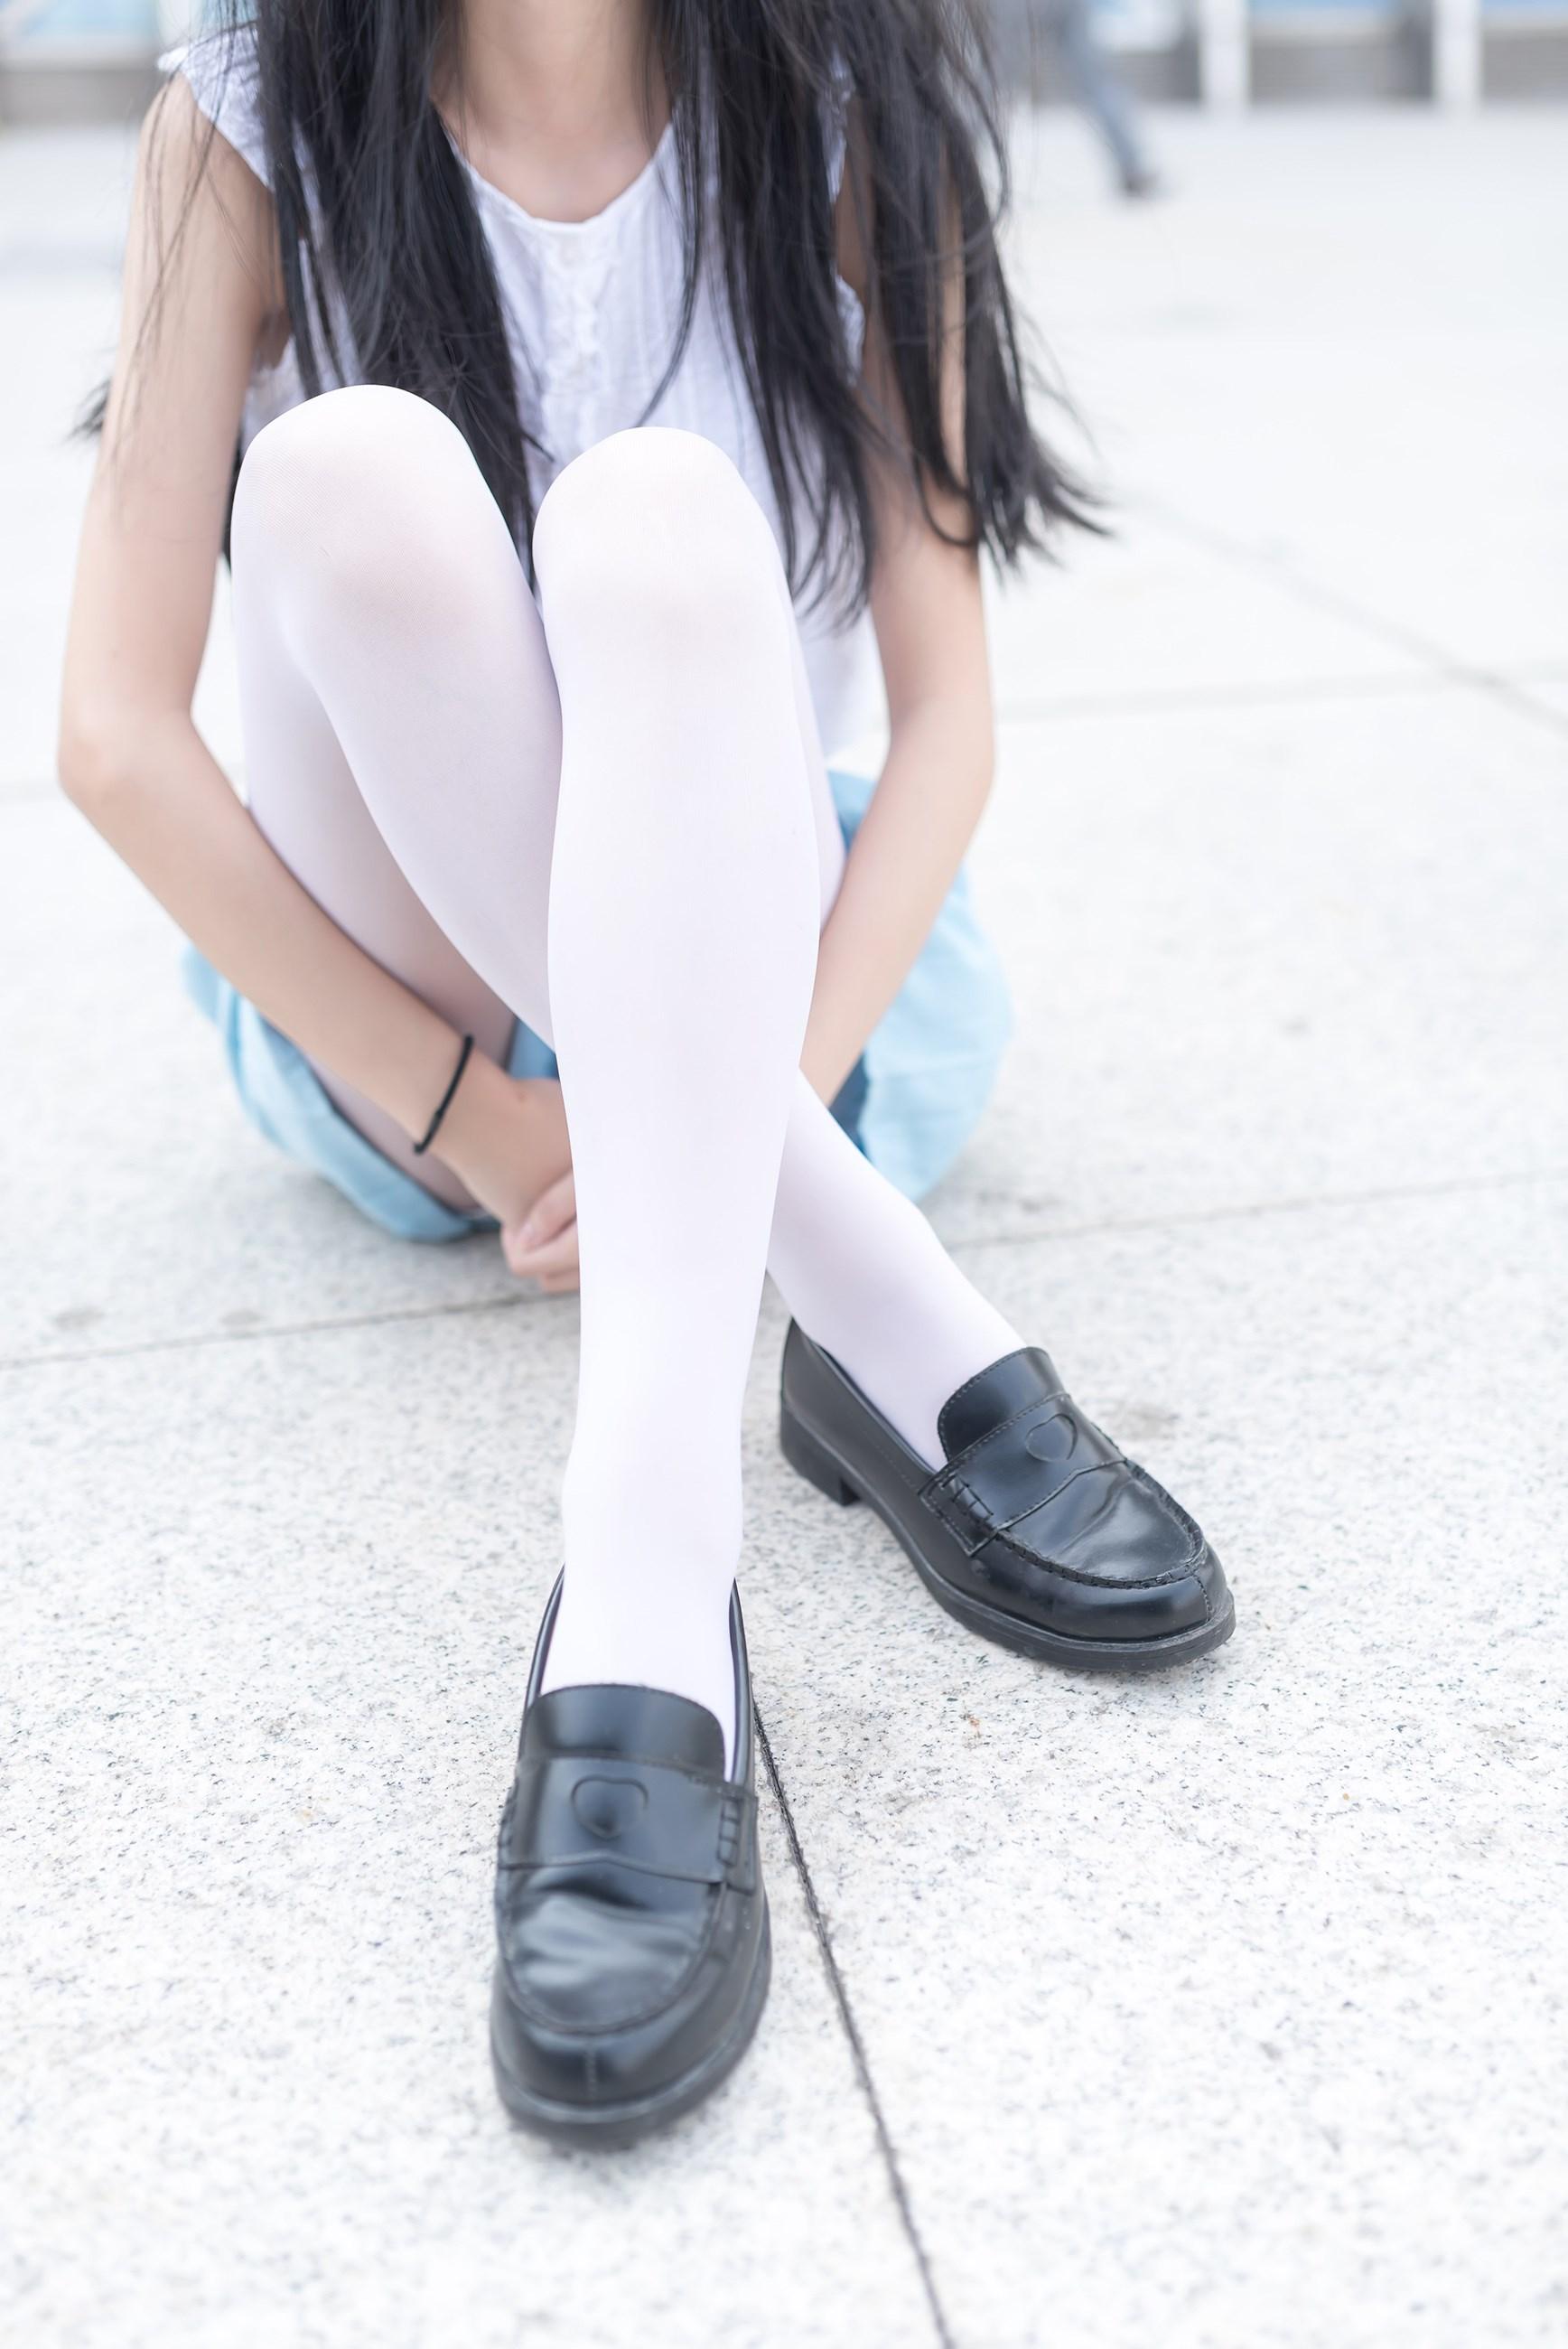 【兔玩映画】惊人的小细腿 兔玩映画 第28张